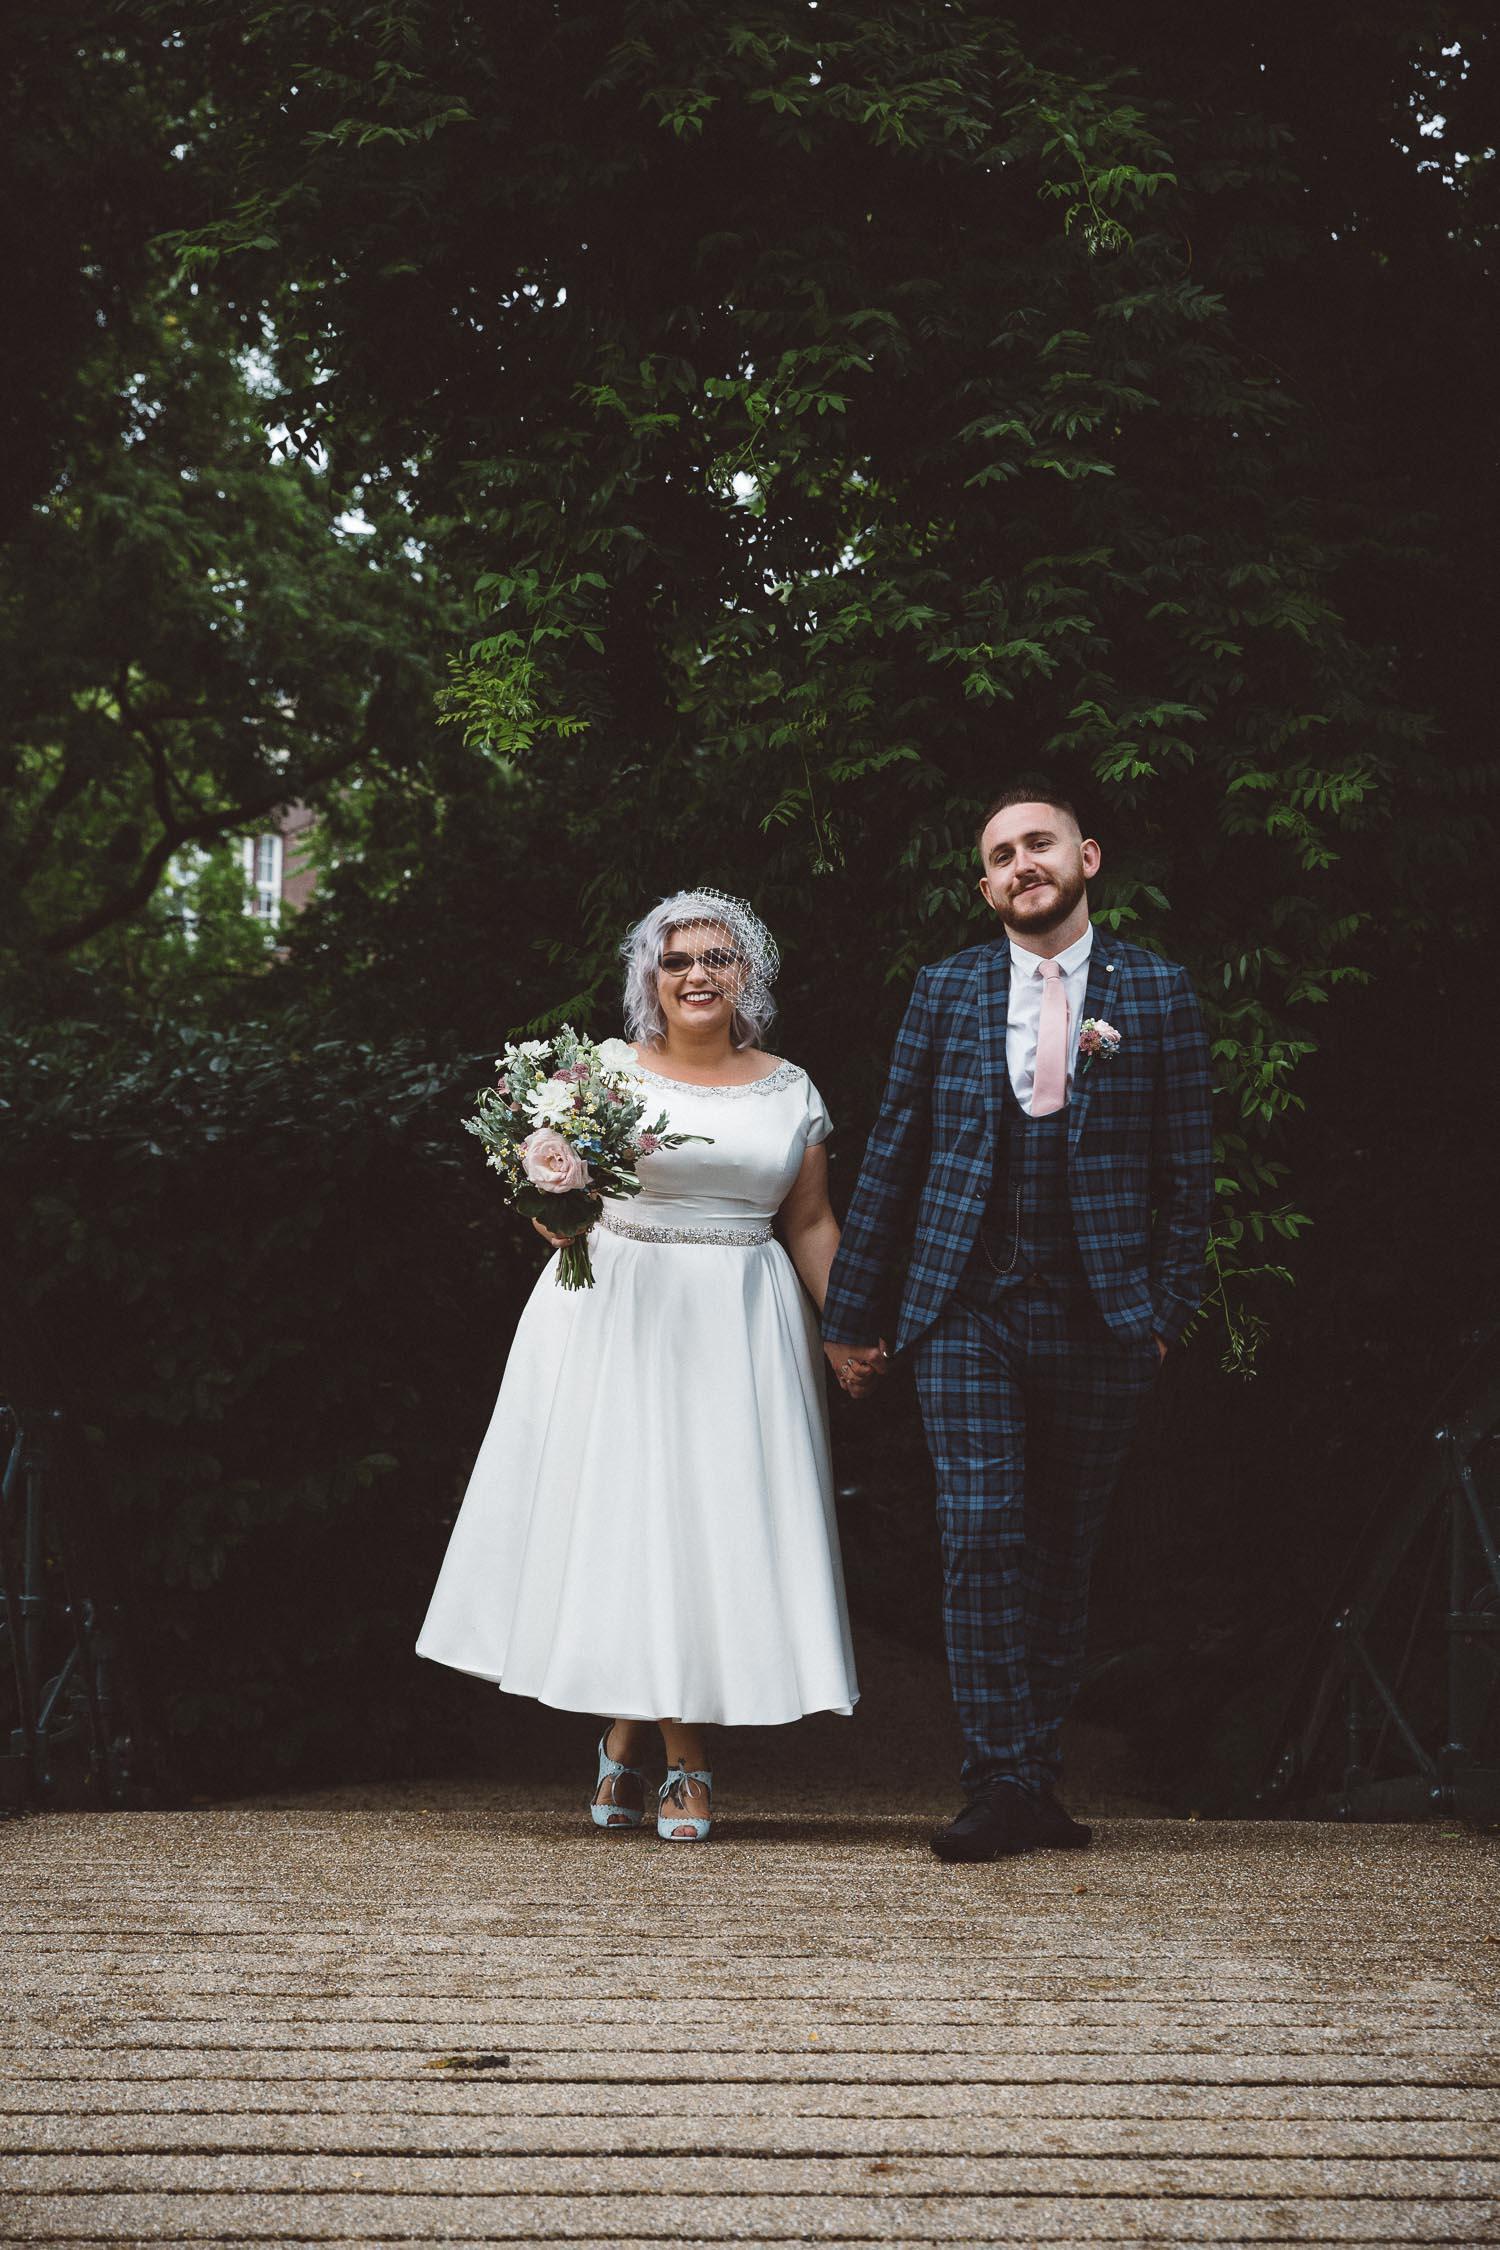 Wedding Bethan and Mike - Hortus Botanicus Amsterdam